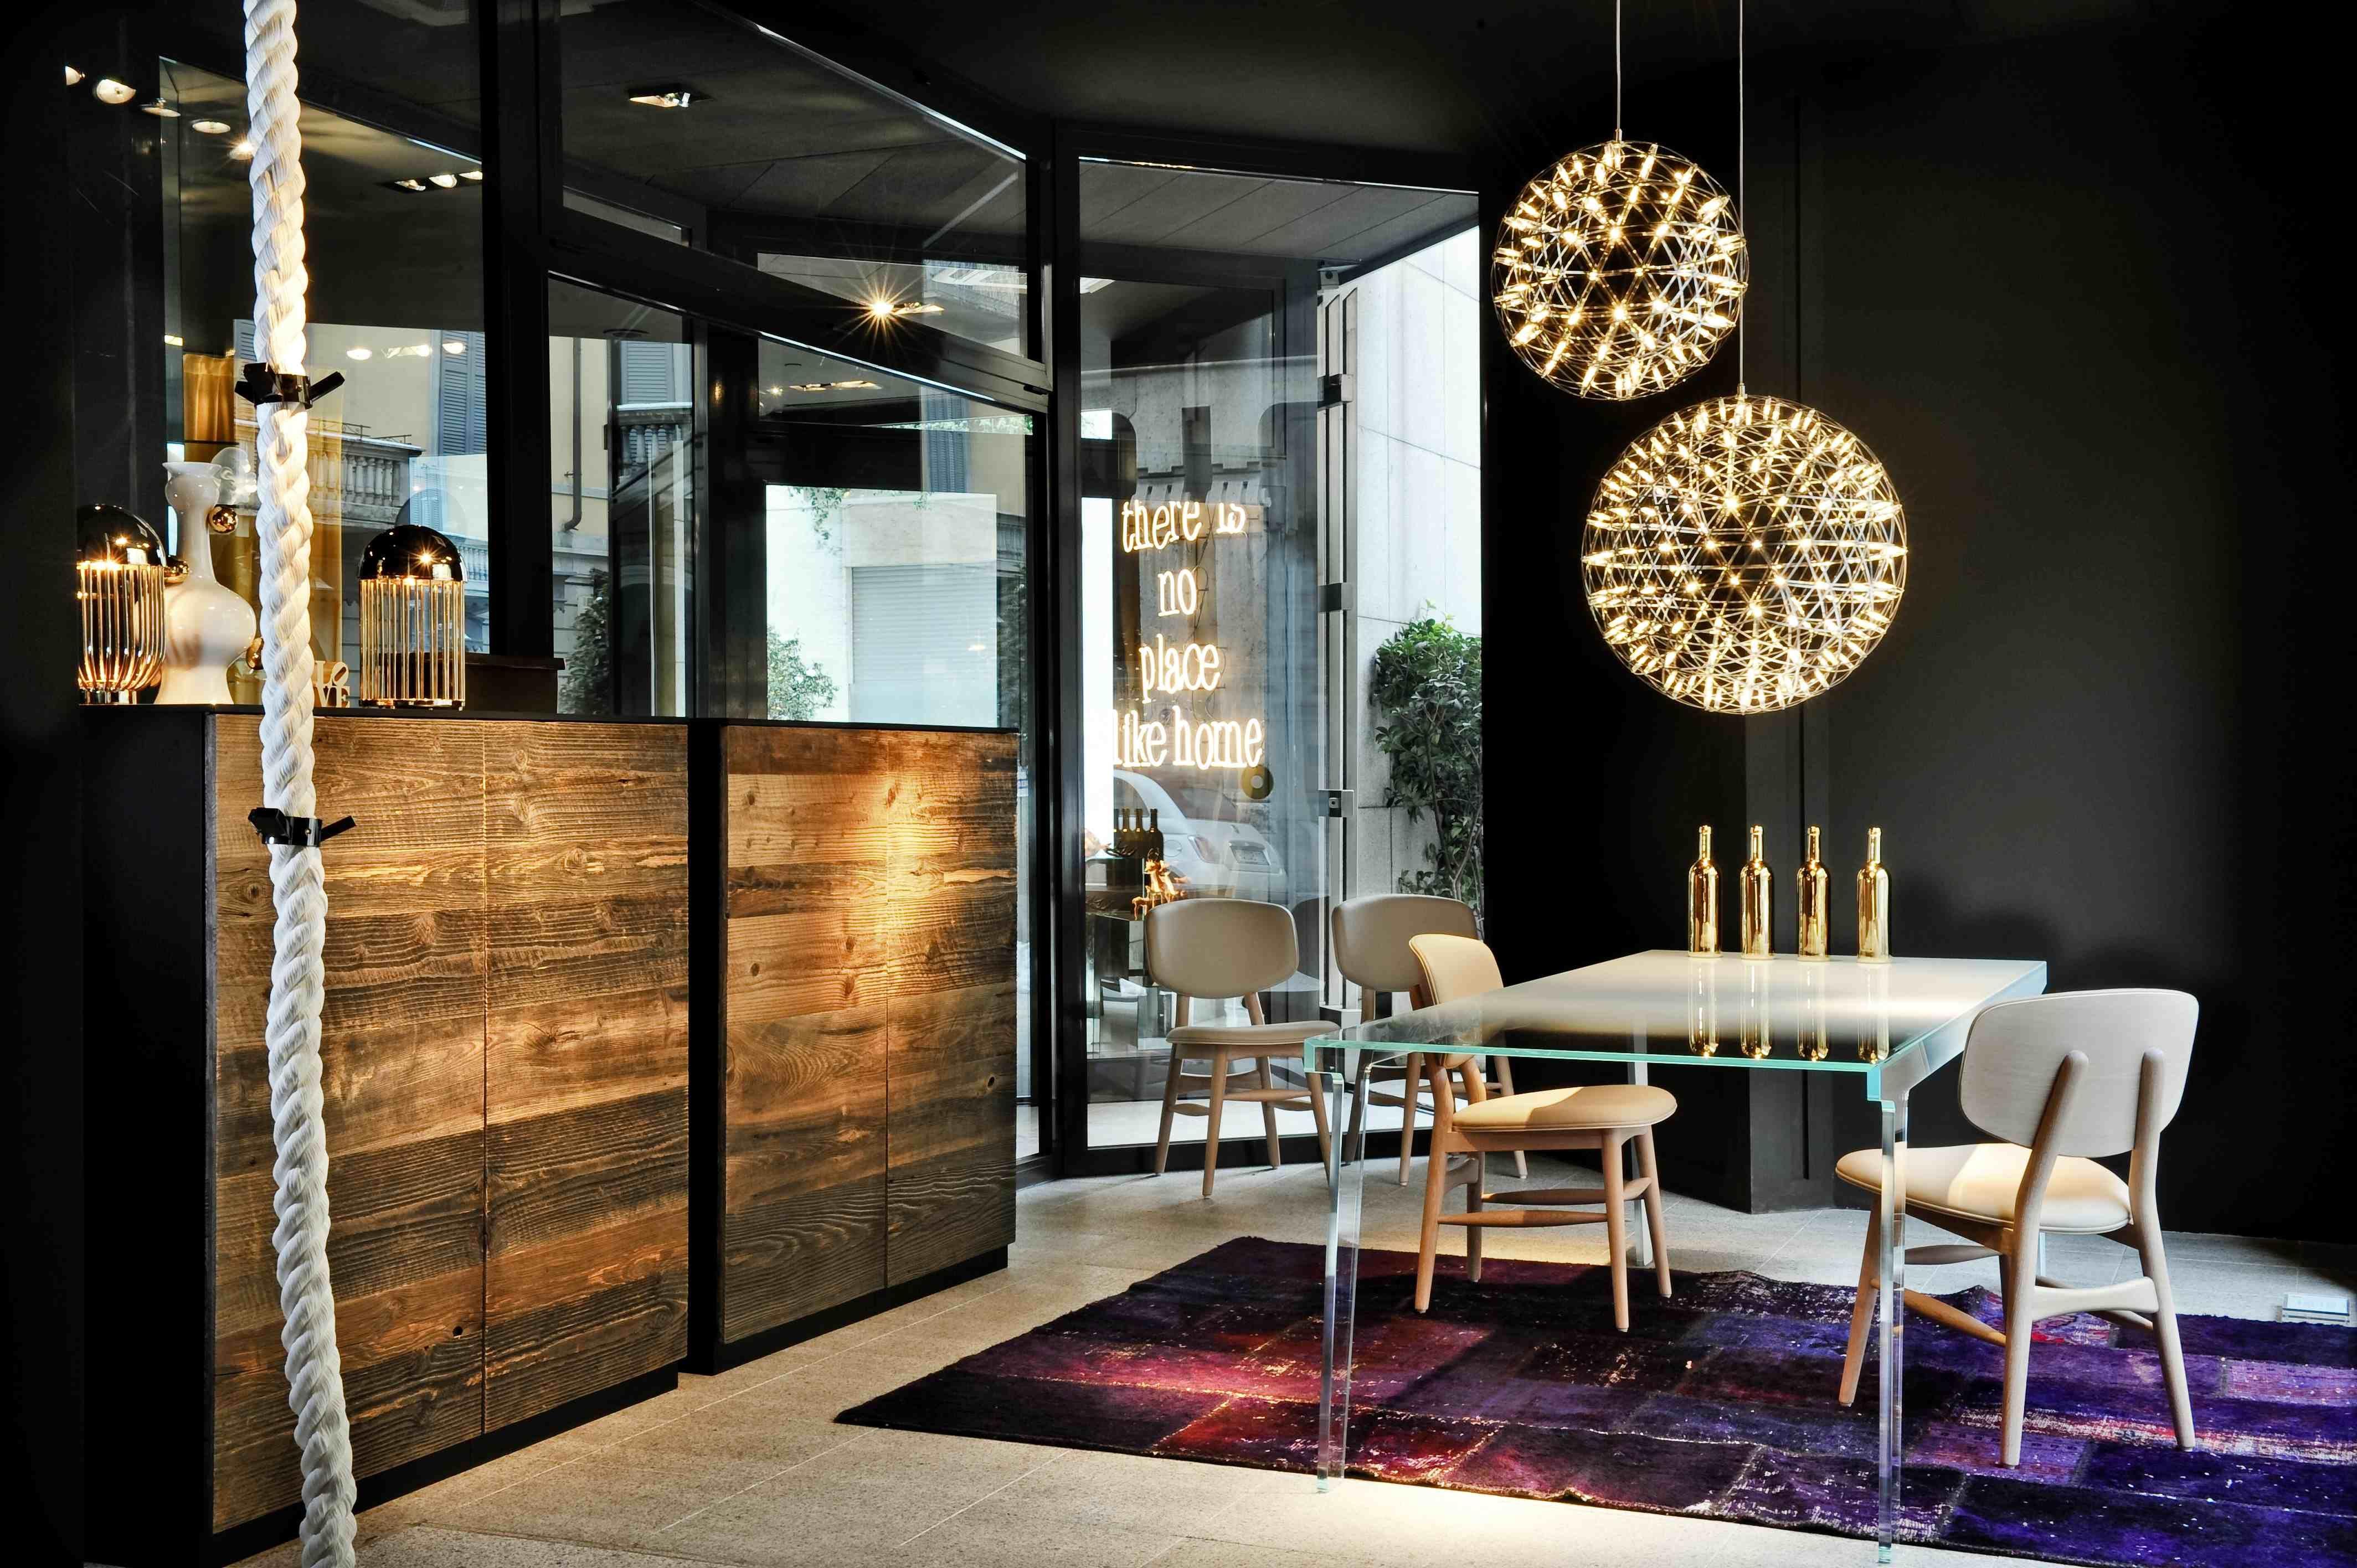 Spazio Pontaccio Milano - The Design Boutique